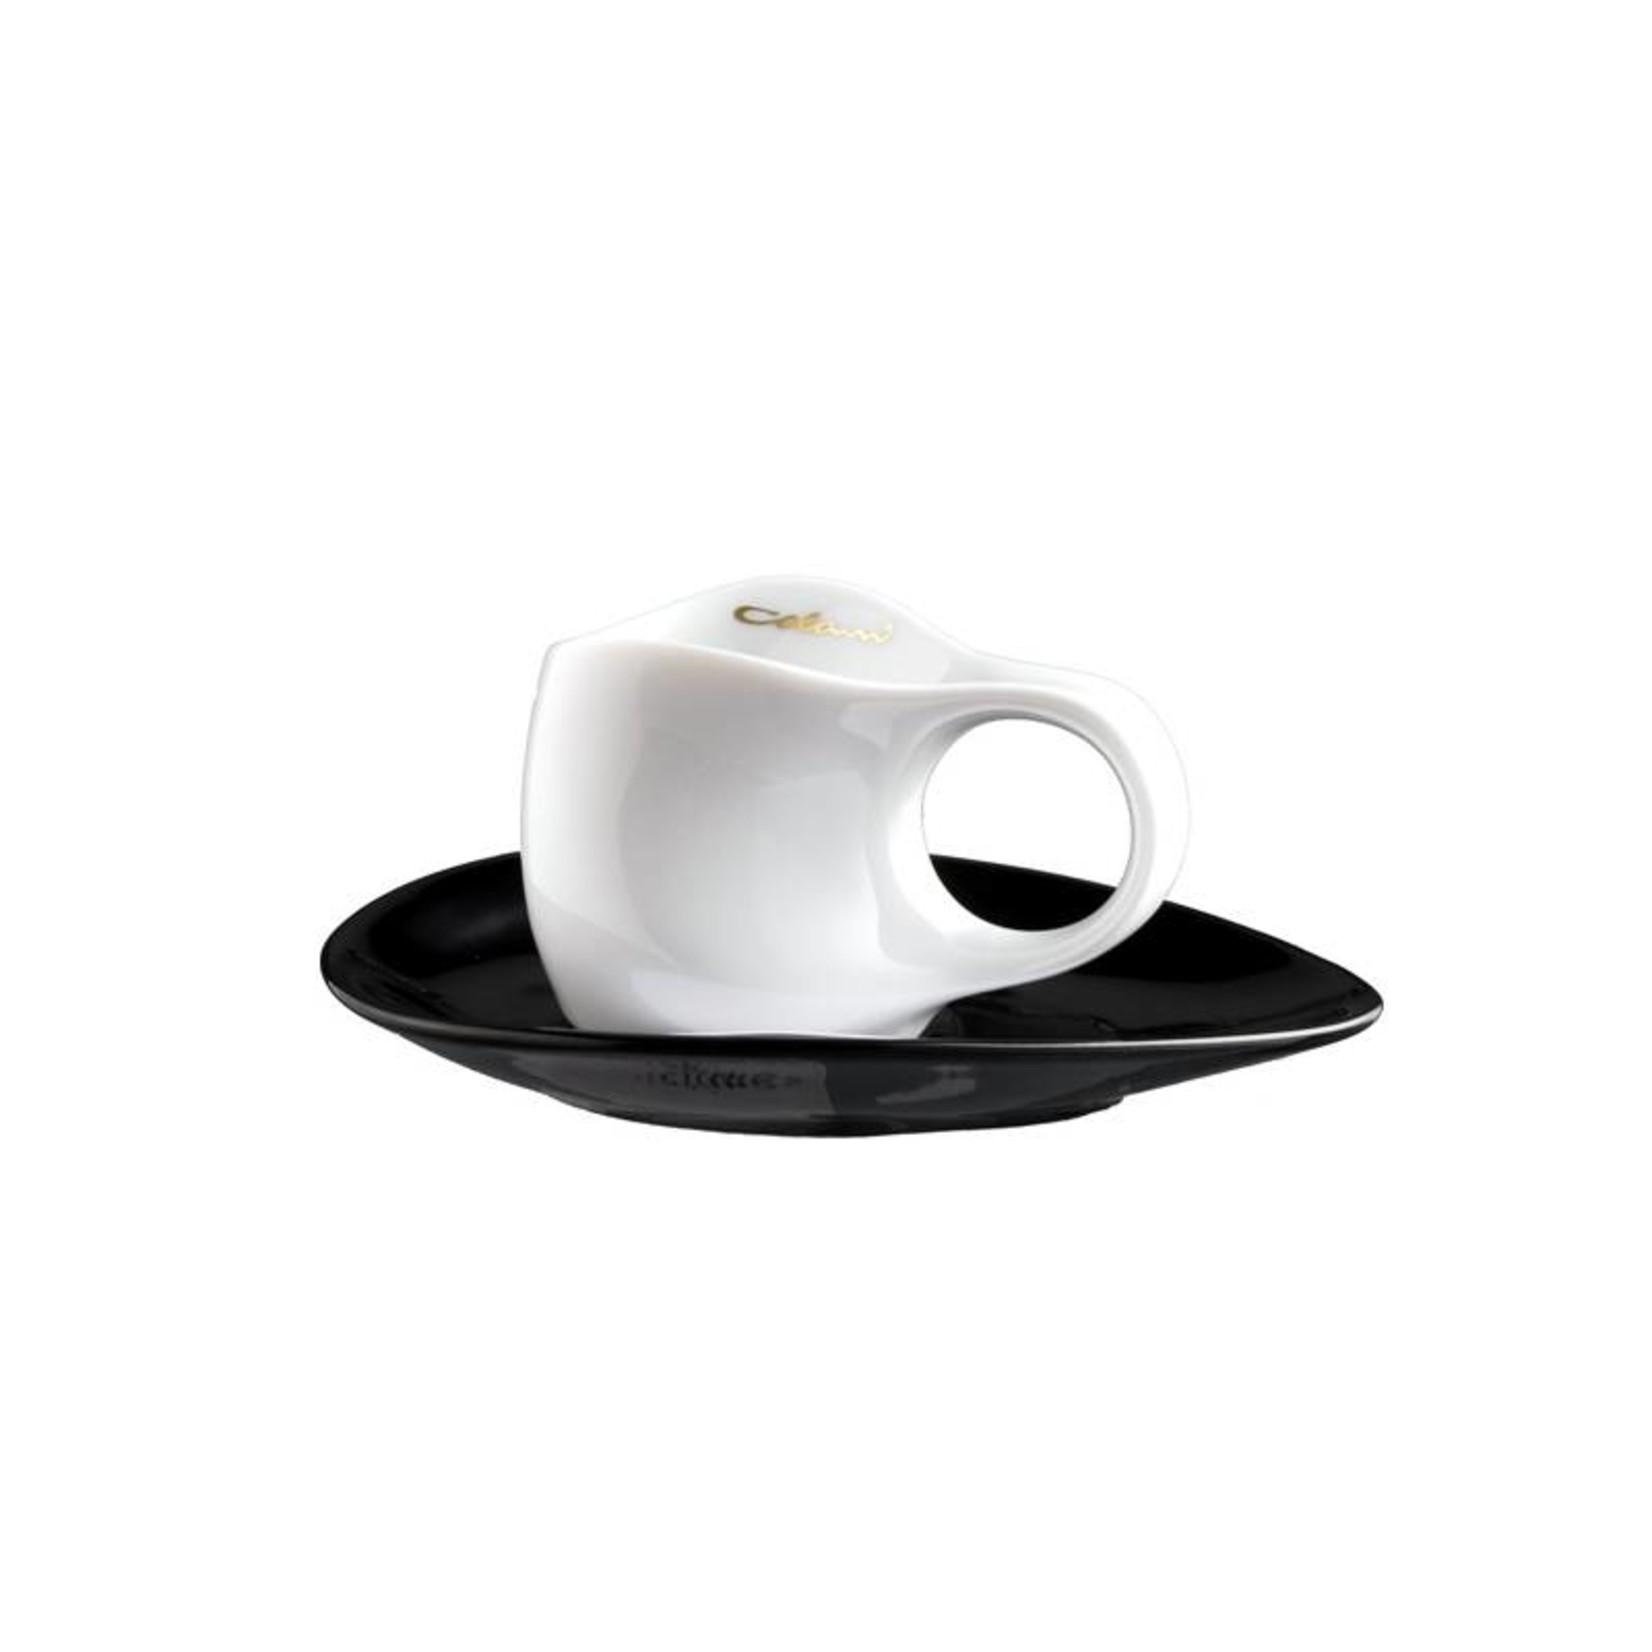 Colani Porzellanserie Colani Espressotasse | Tasse inkl. Unterteller | weiß